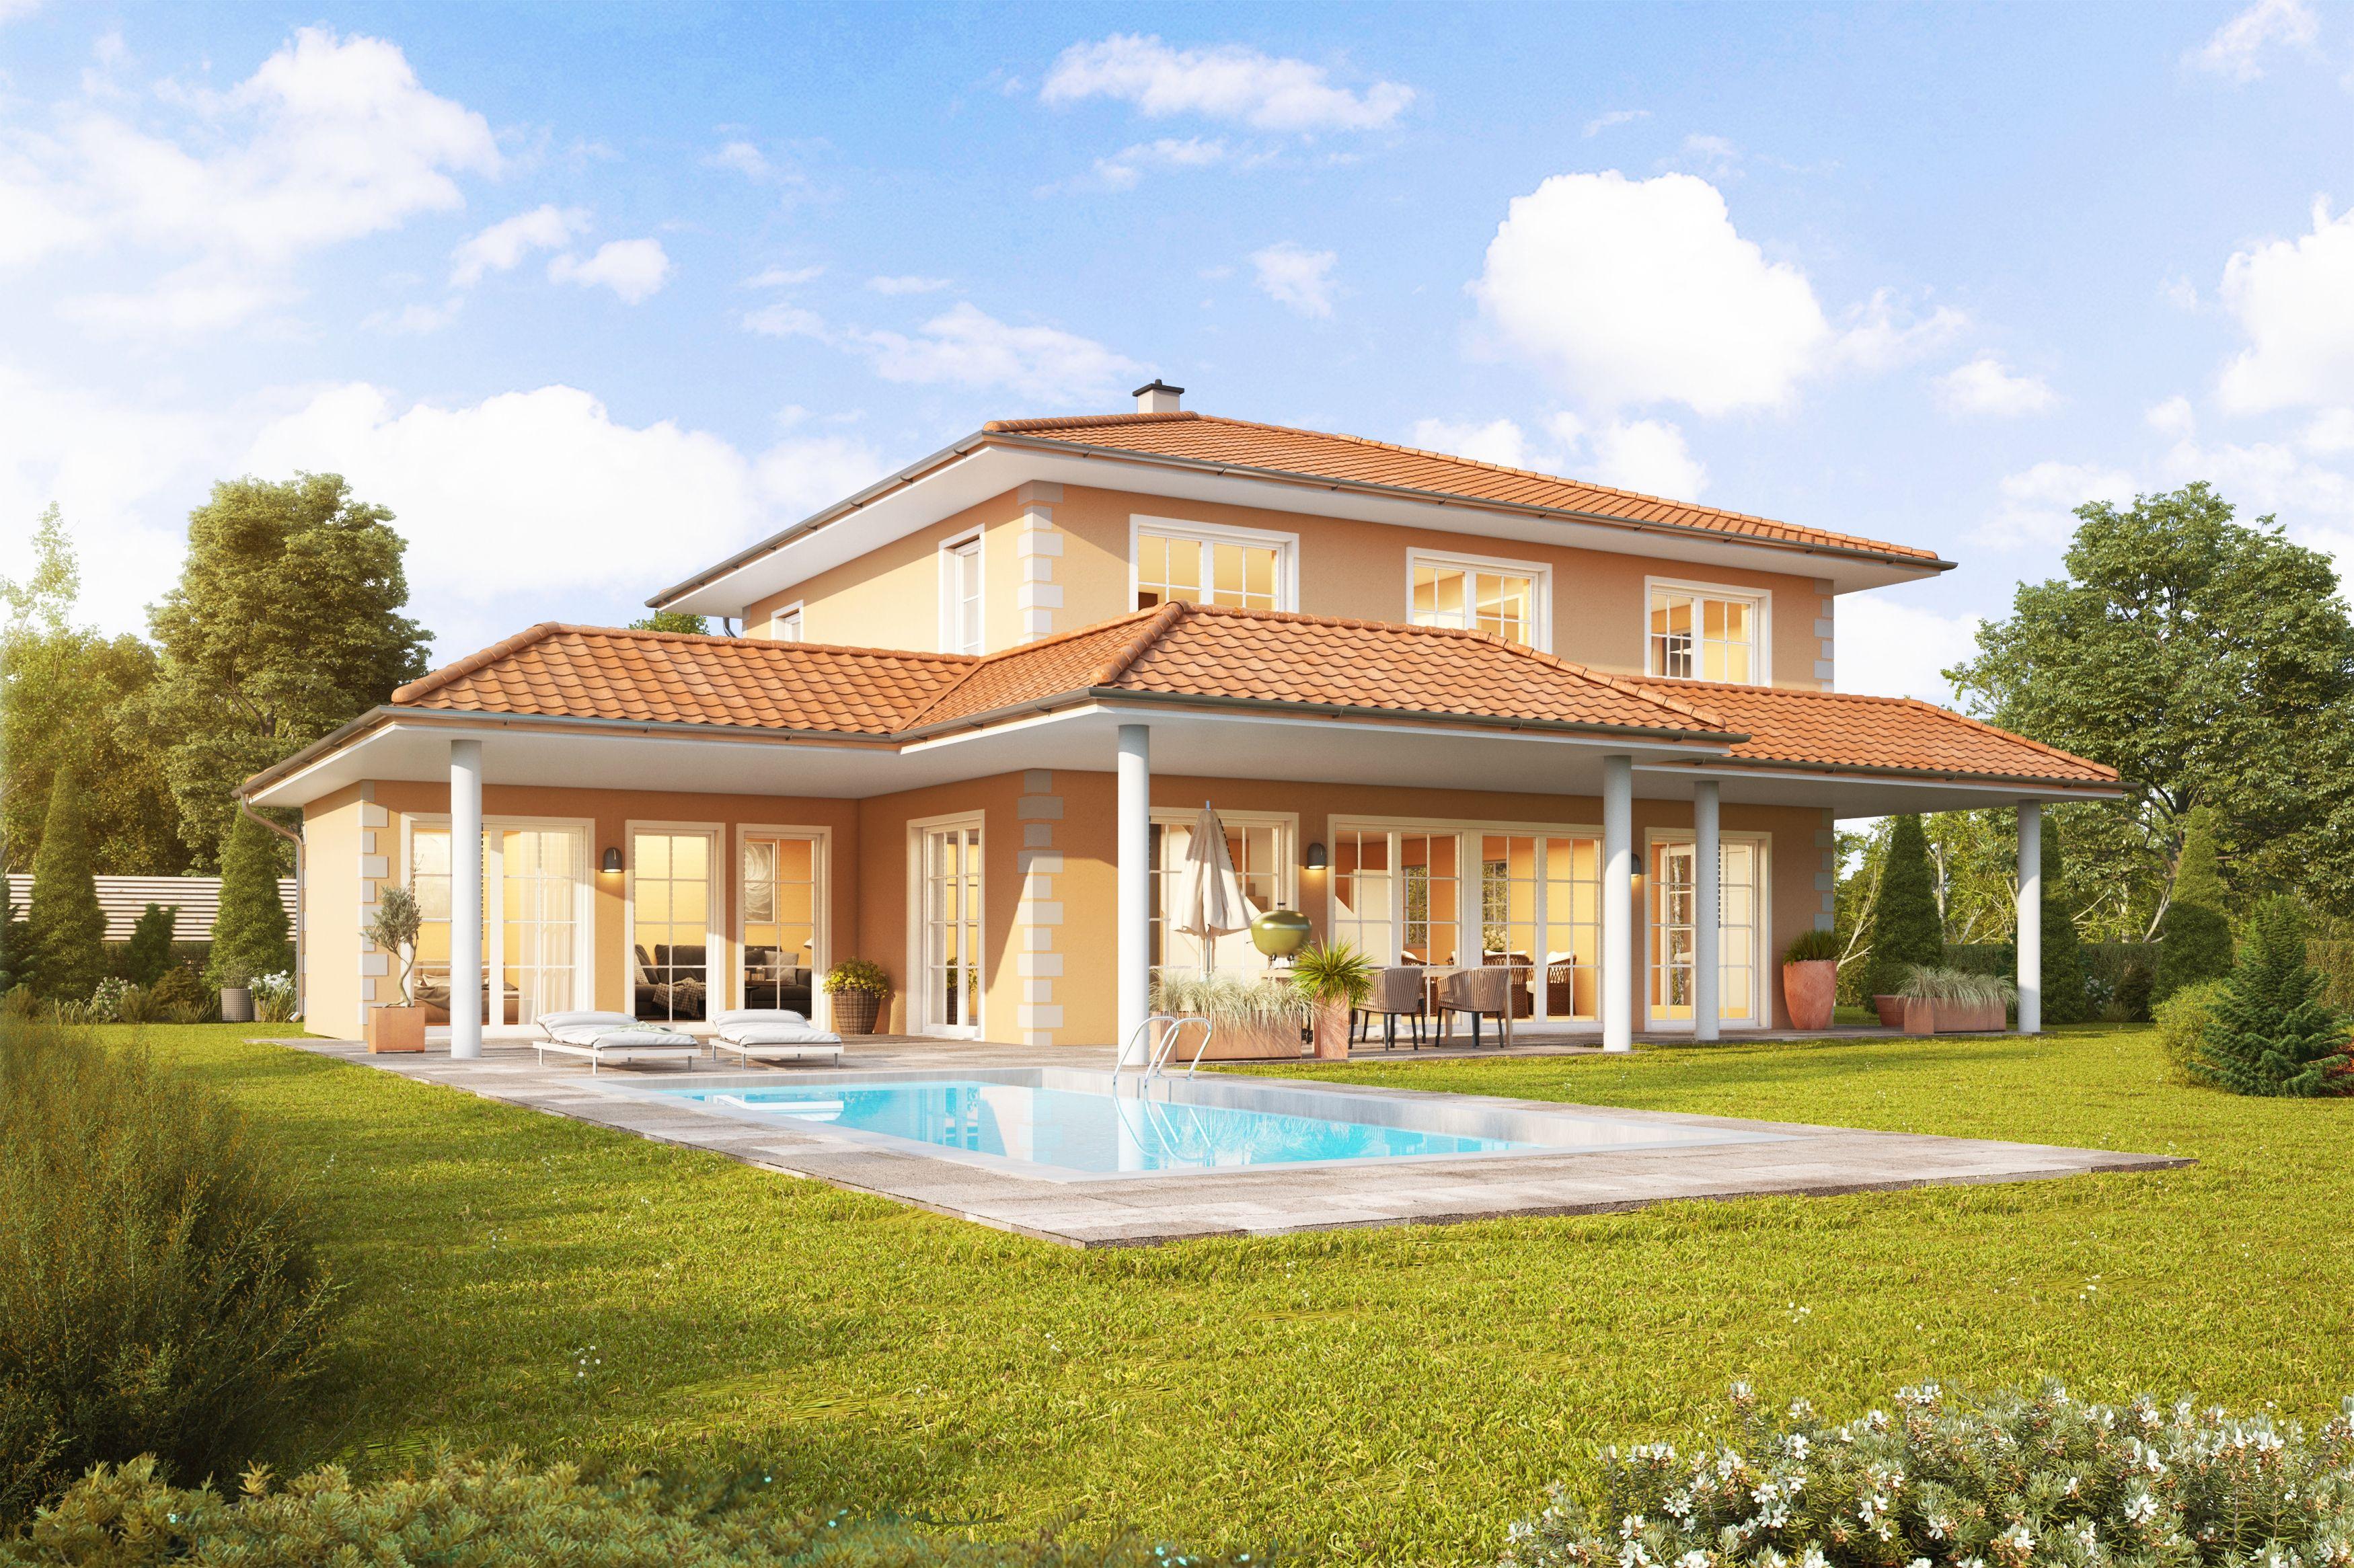 Kotz Haus Ziegelmassiv Und Schlusselfertig Haus Haus Hanglage Gartenhaus Mit Veranda